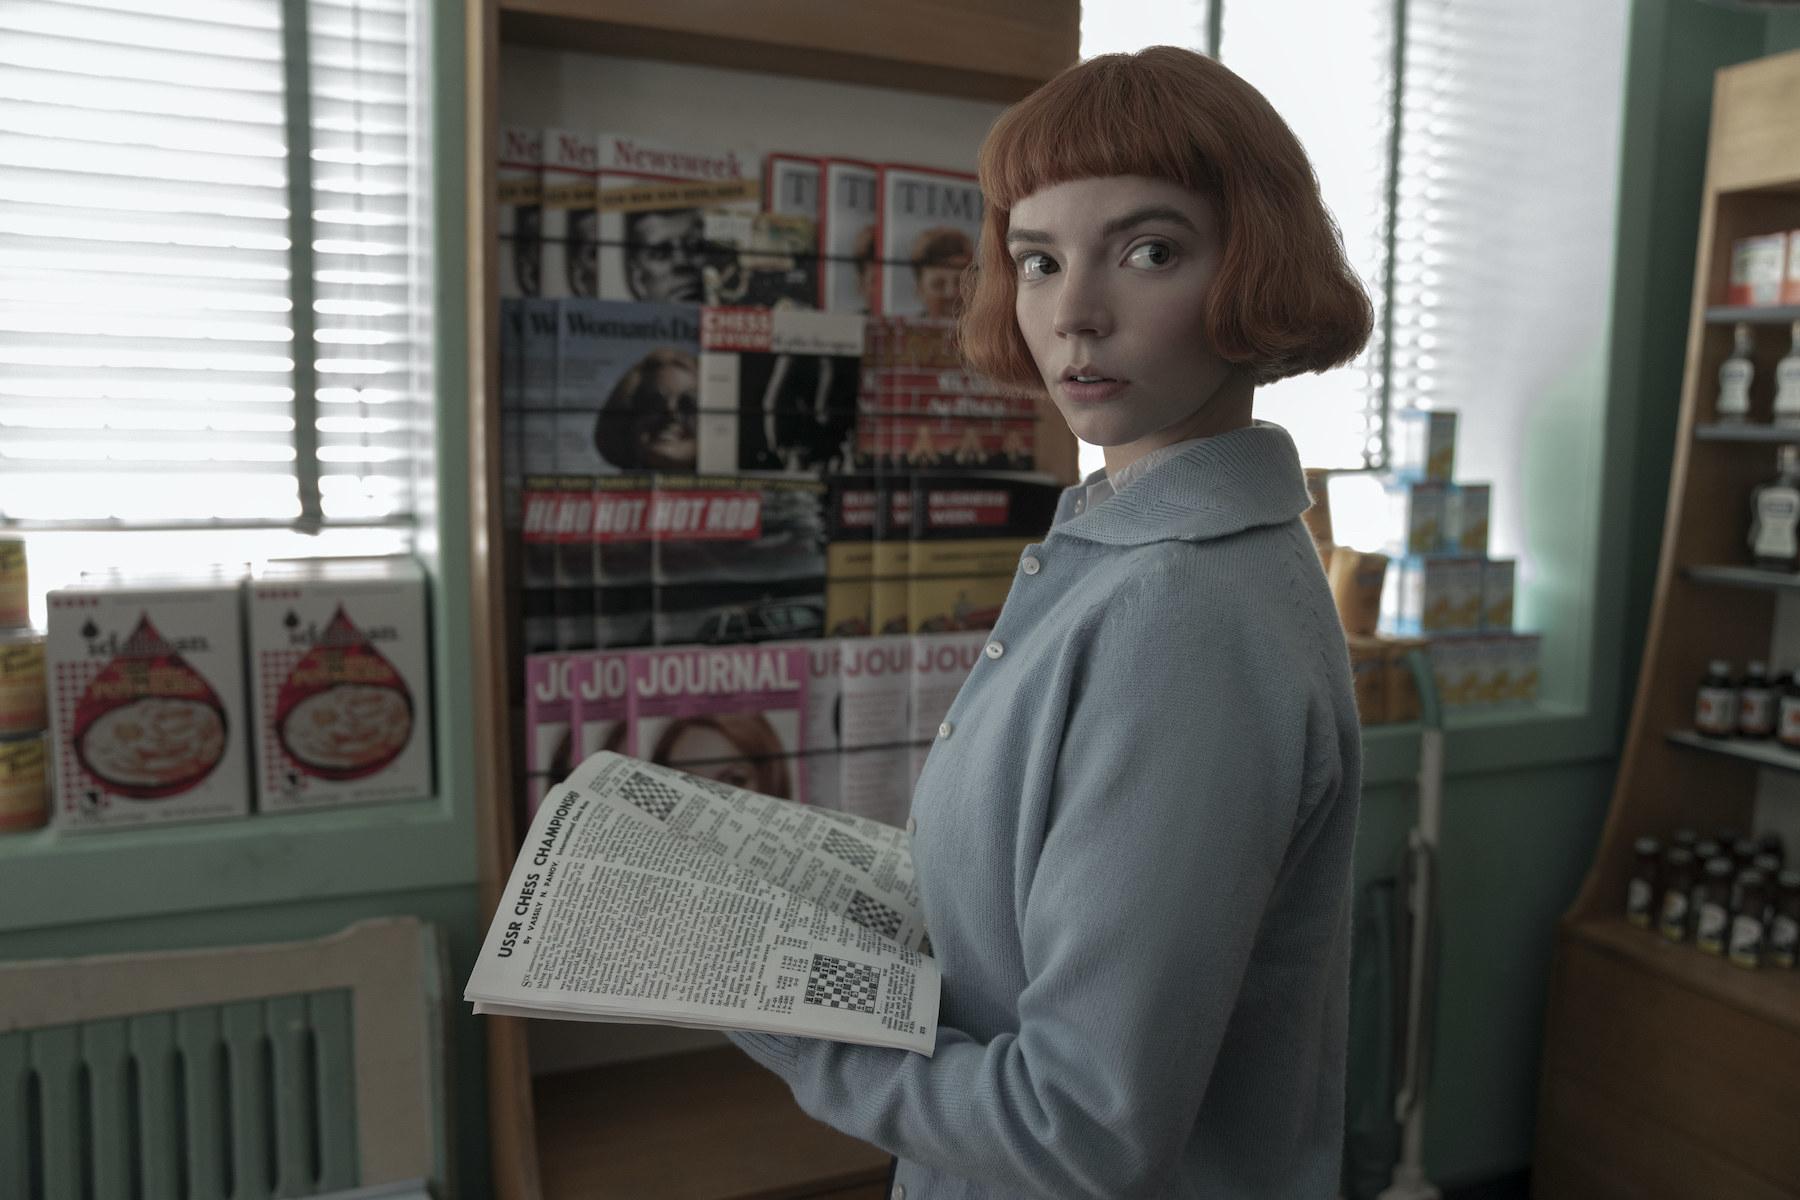 ANYA TAYLOR-JOY as BETH HARMON in episode 102 of THE QUEEN'S GAMBIT.